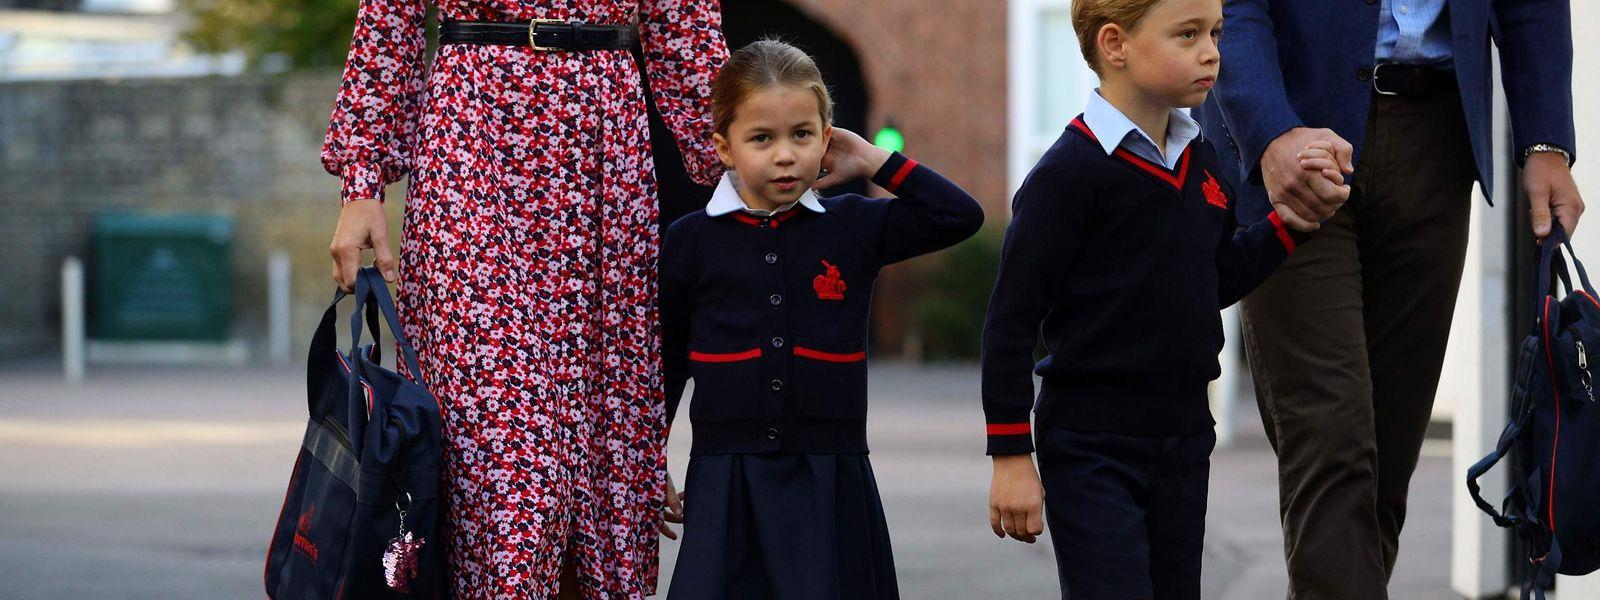 Prinzessin Charlotte mit ihrem Bruder Prinz George.